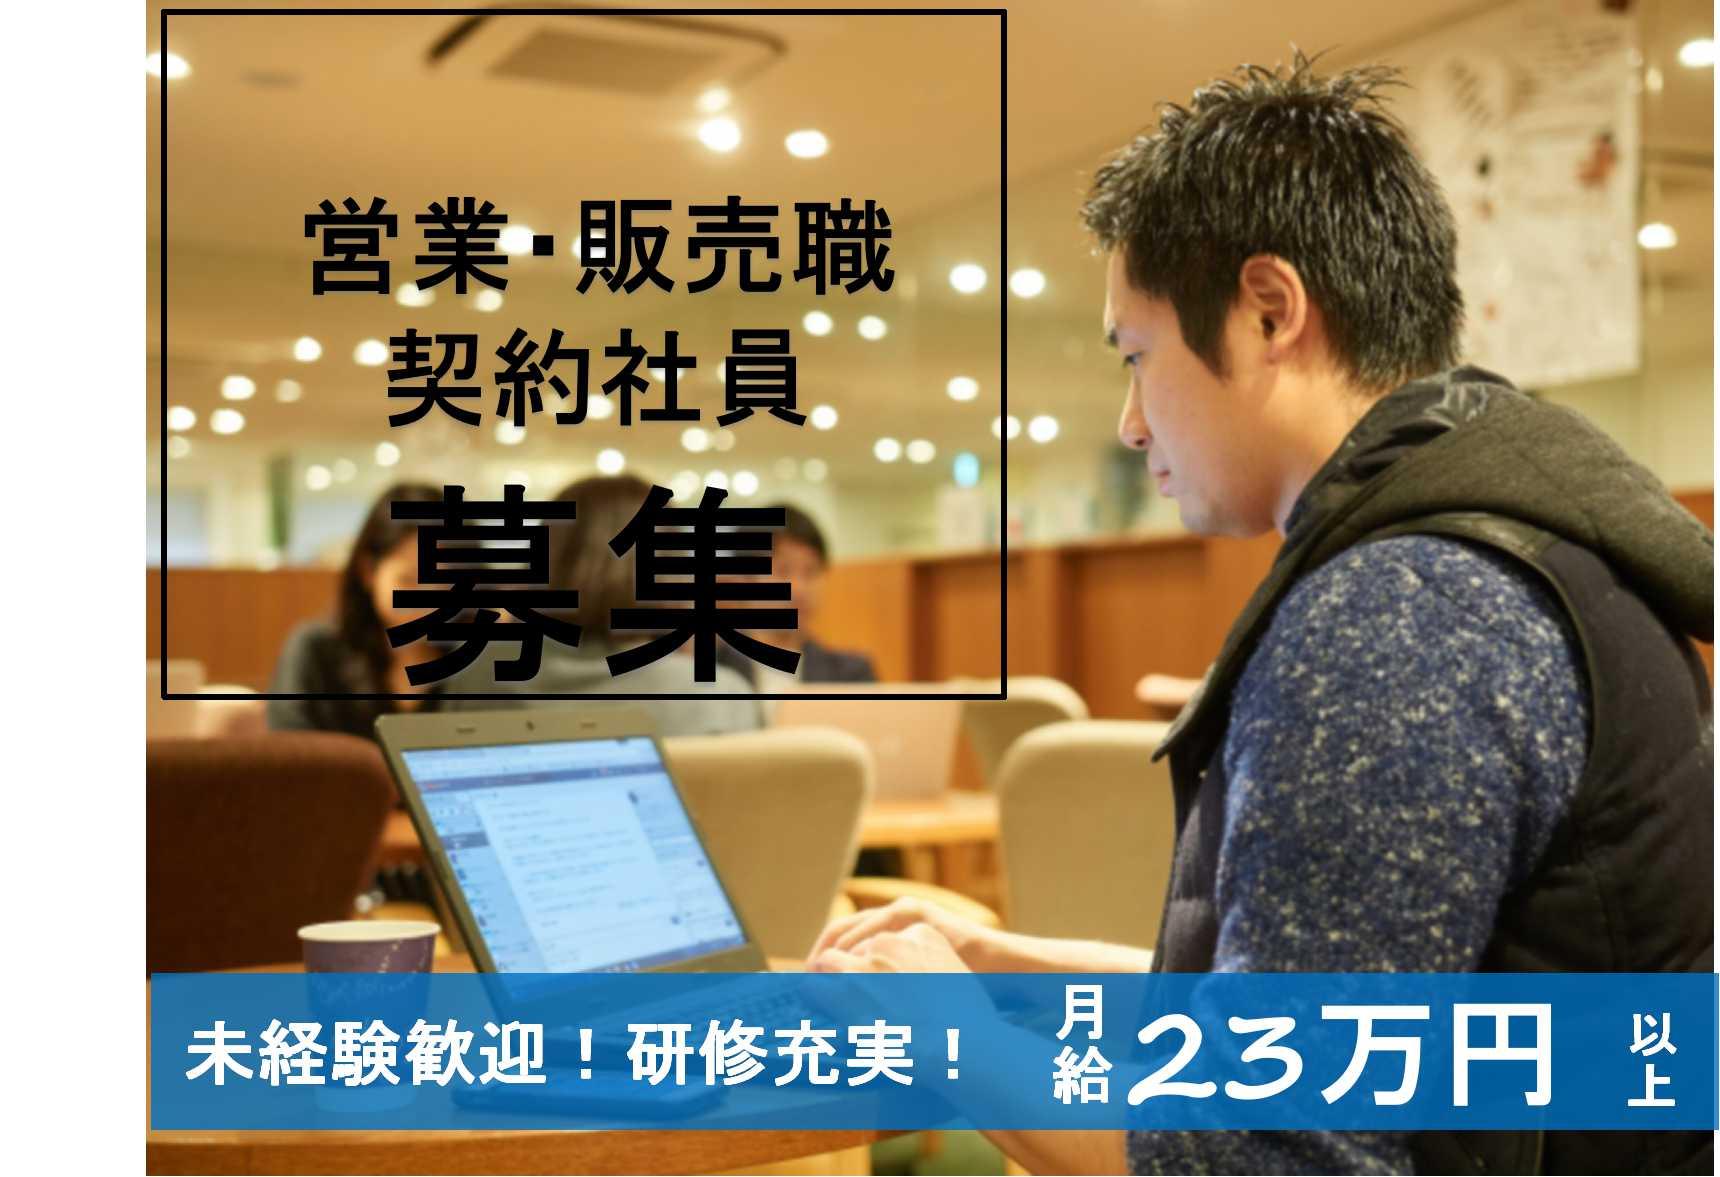 【名古屋市西区】活躍できる環境考えます!研修充実★営業・販売職【即面談可能】 イメージ